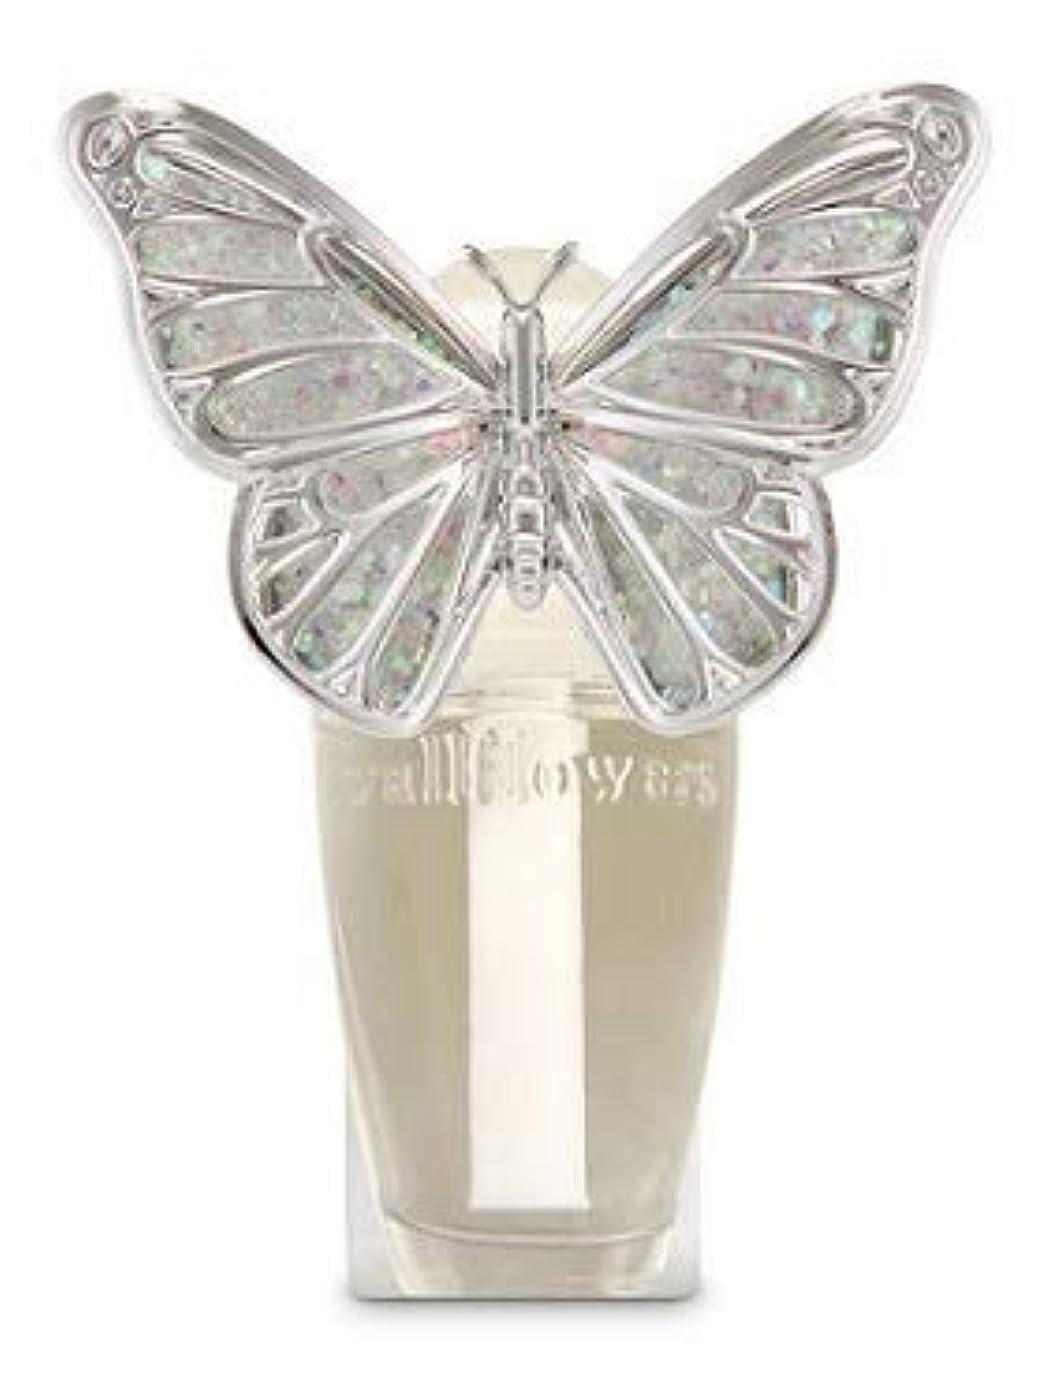 会計利得服を着る【Bath&Body Works/バス&ボディワークス】 ルームフレグランス プラグインスターター (本体のみ) スプリングバタフライ ナイトライト Wallflowers Fragrance Plug Spring butterfly Night Light [並行輸入品]